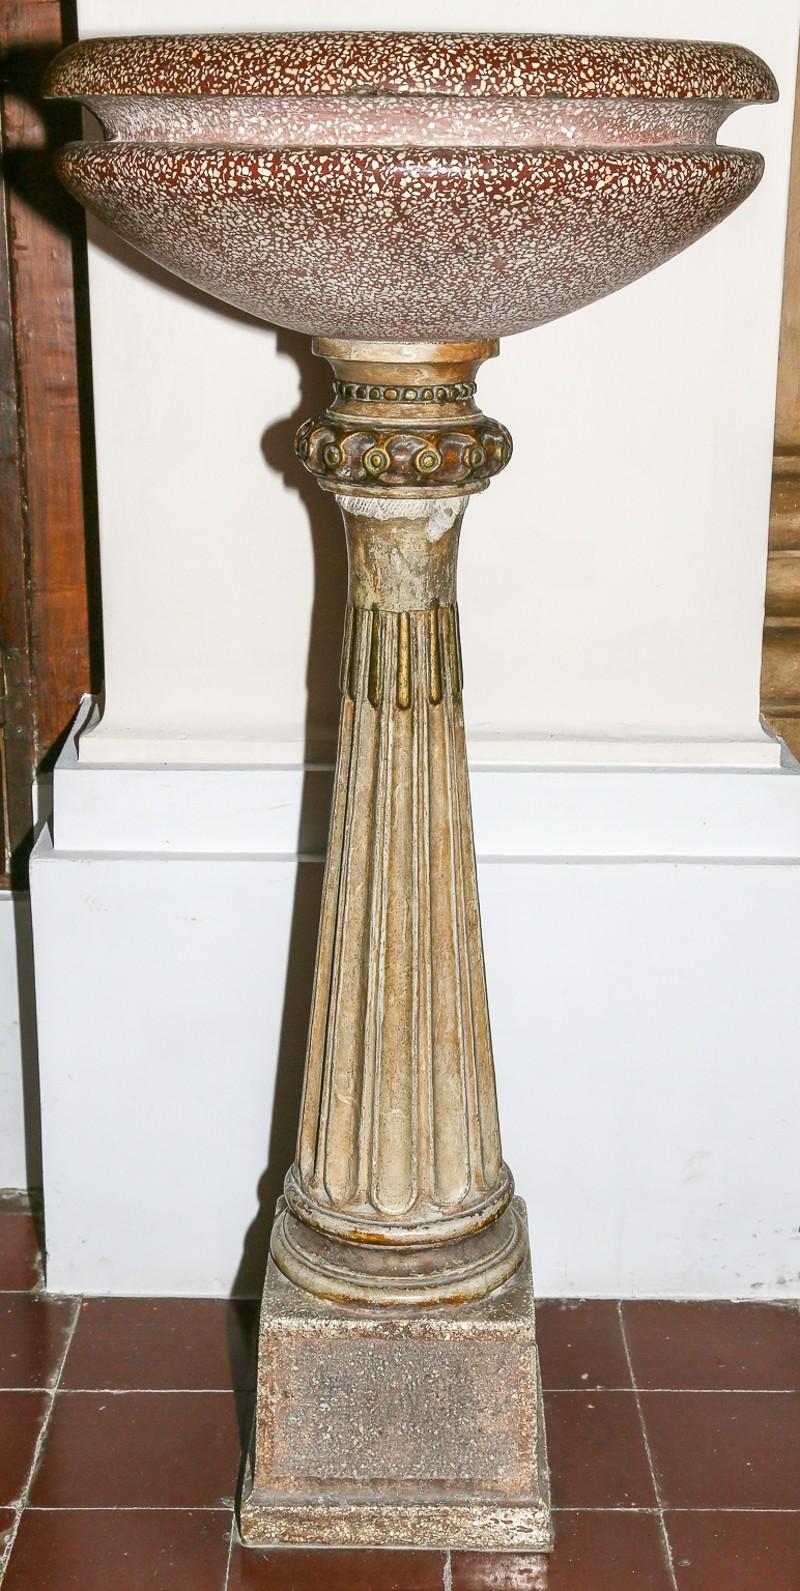 Ambito Italia centrale sec. XIX, Acquasantiera a colonna con unghiature 2/2